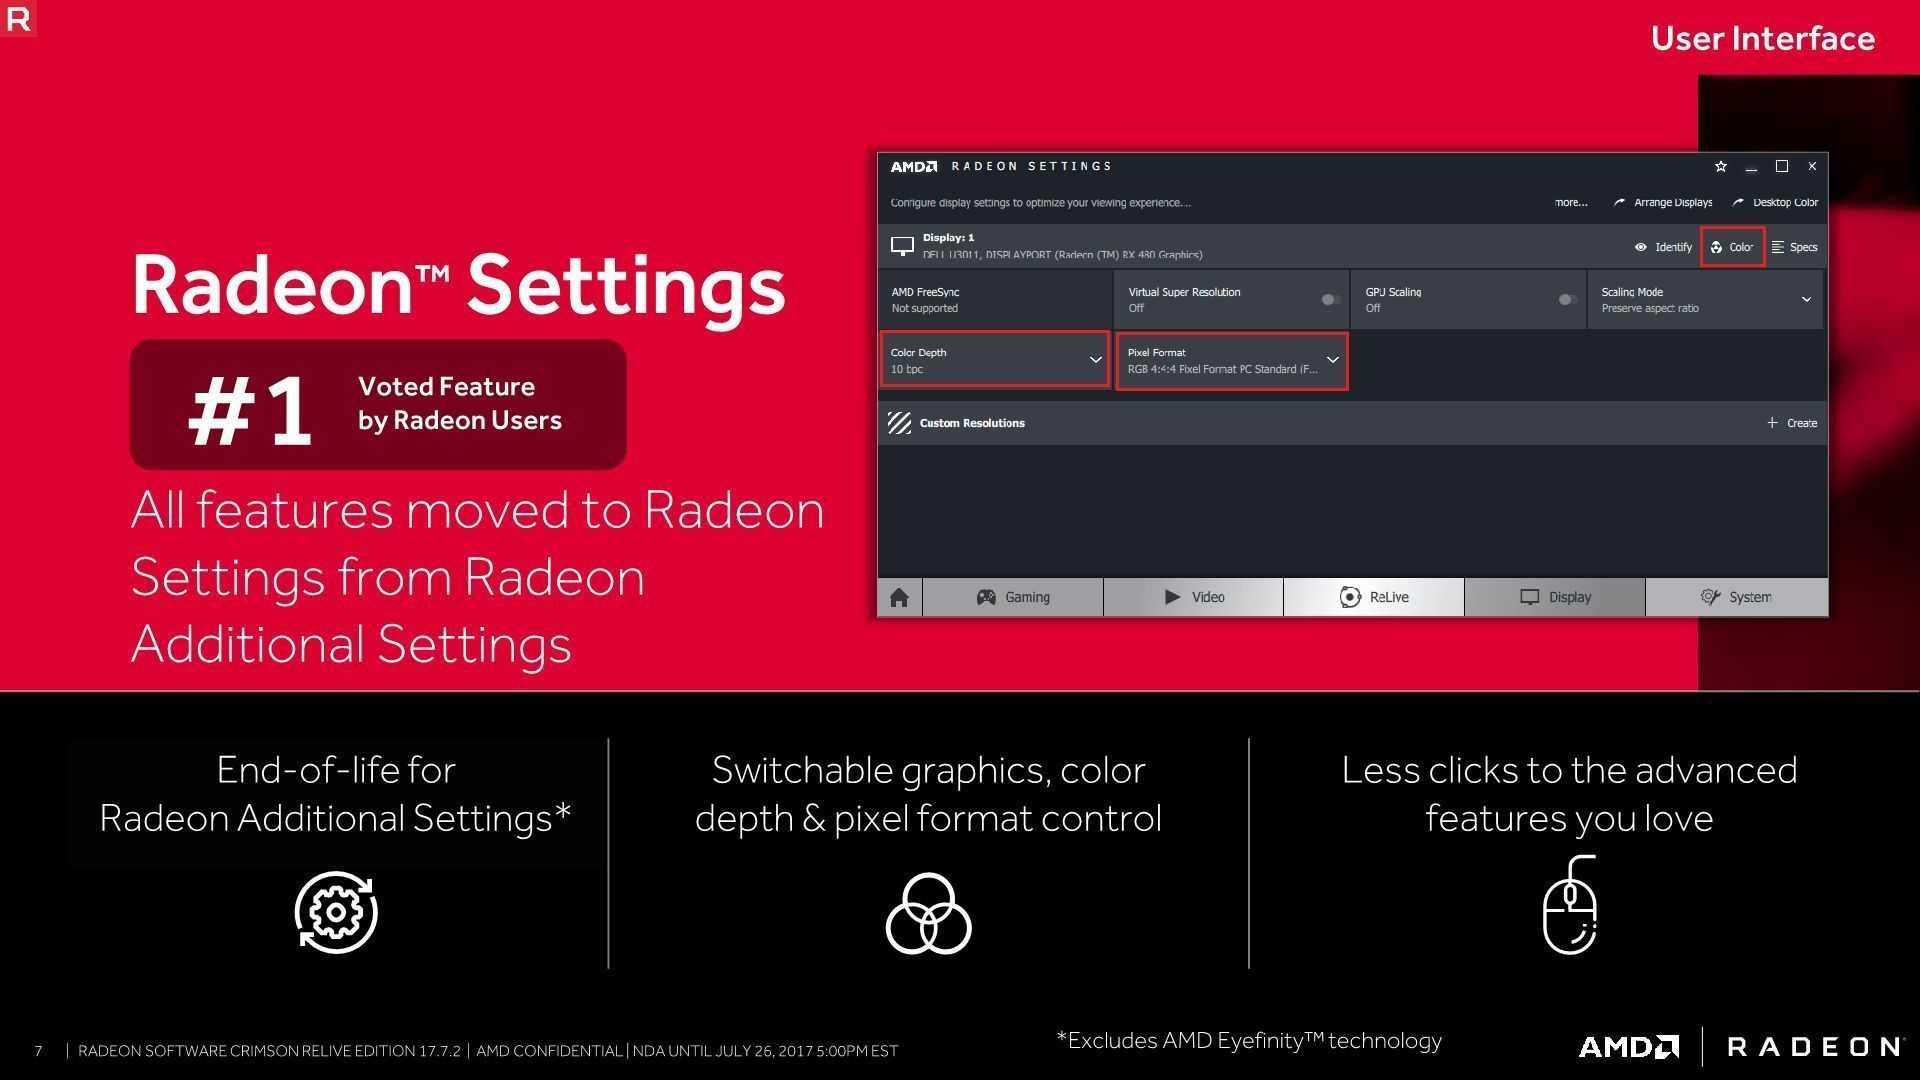 Die erweiterten Einstellungen wandern in die Radeon-Settings.